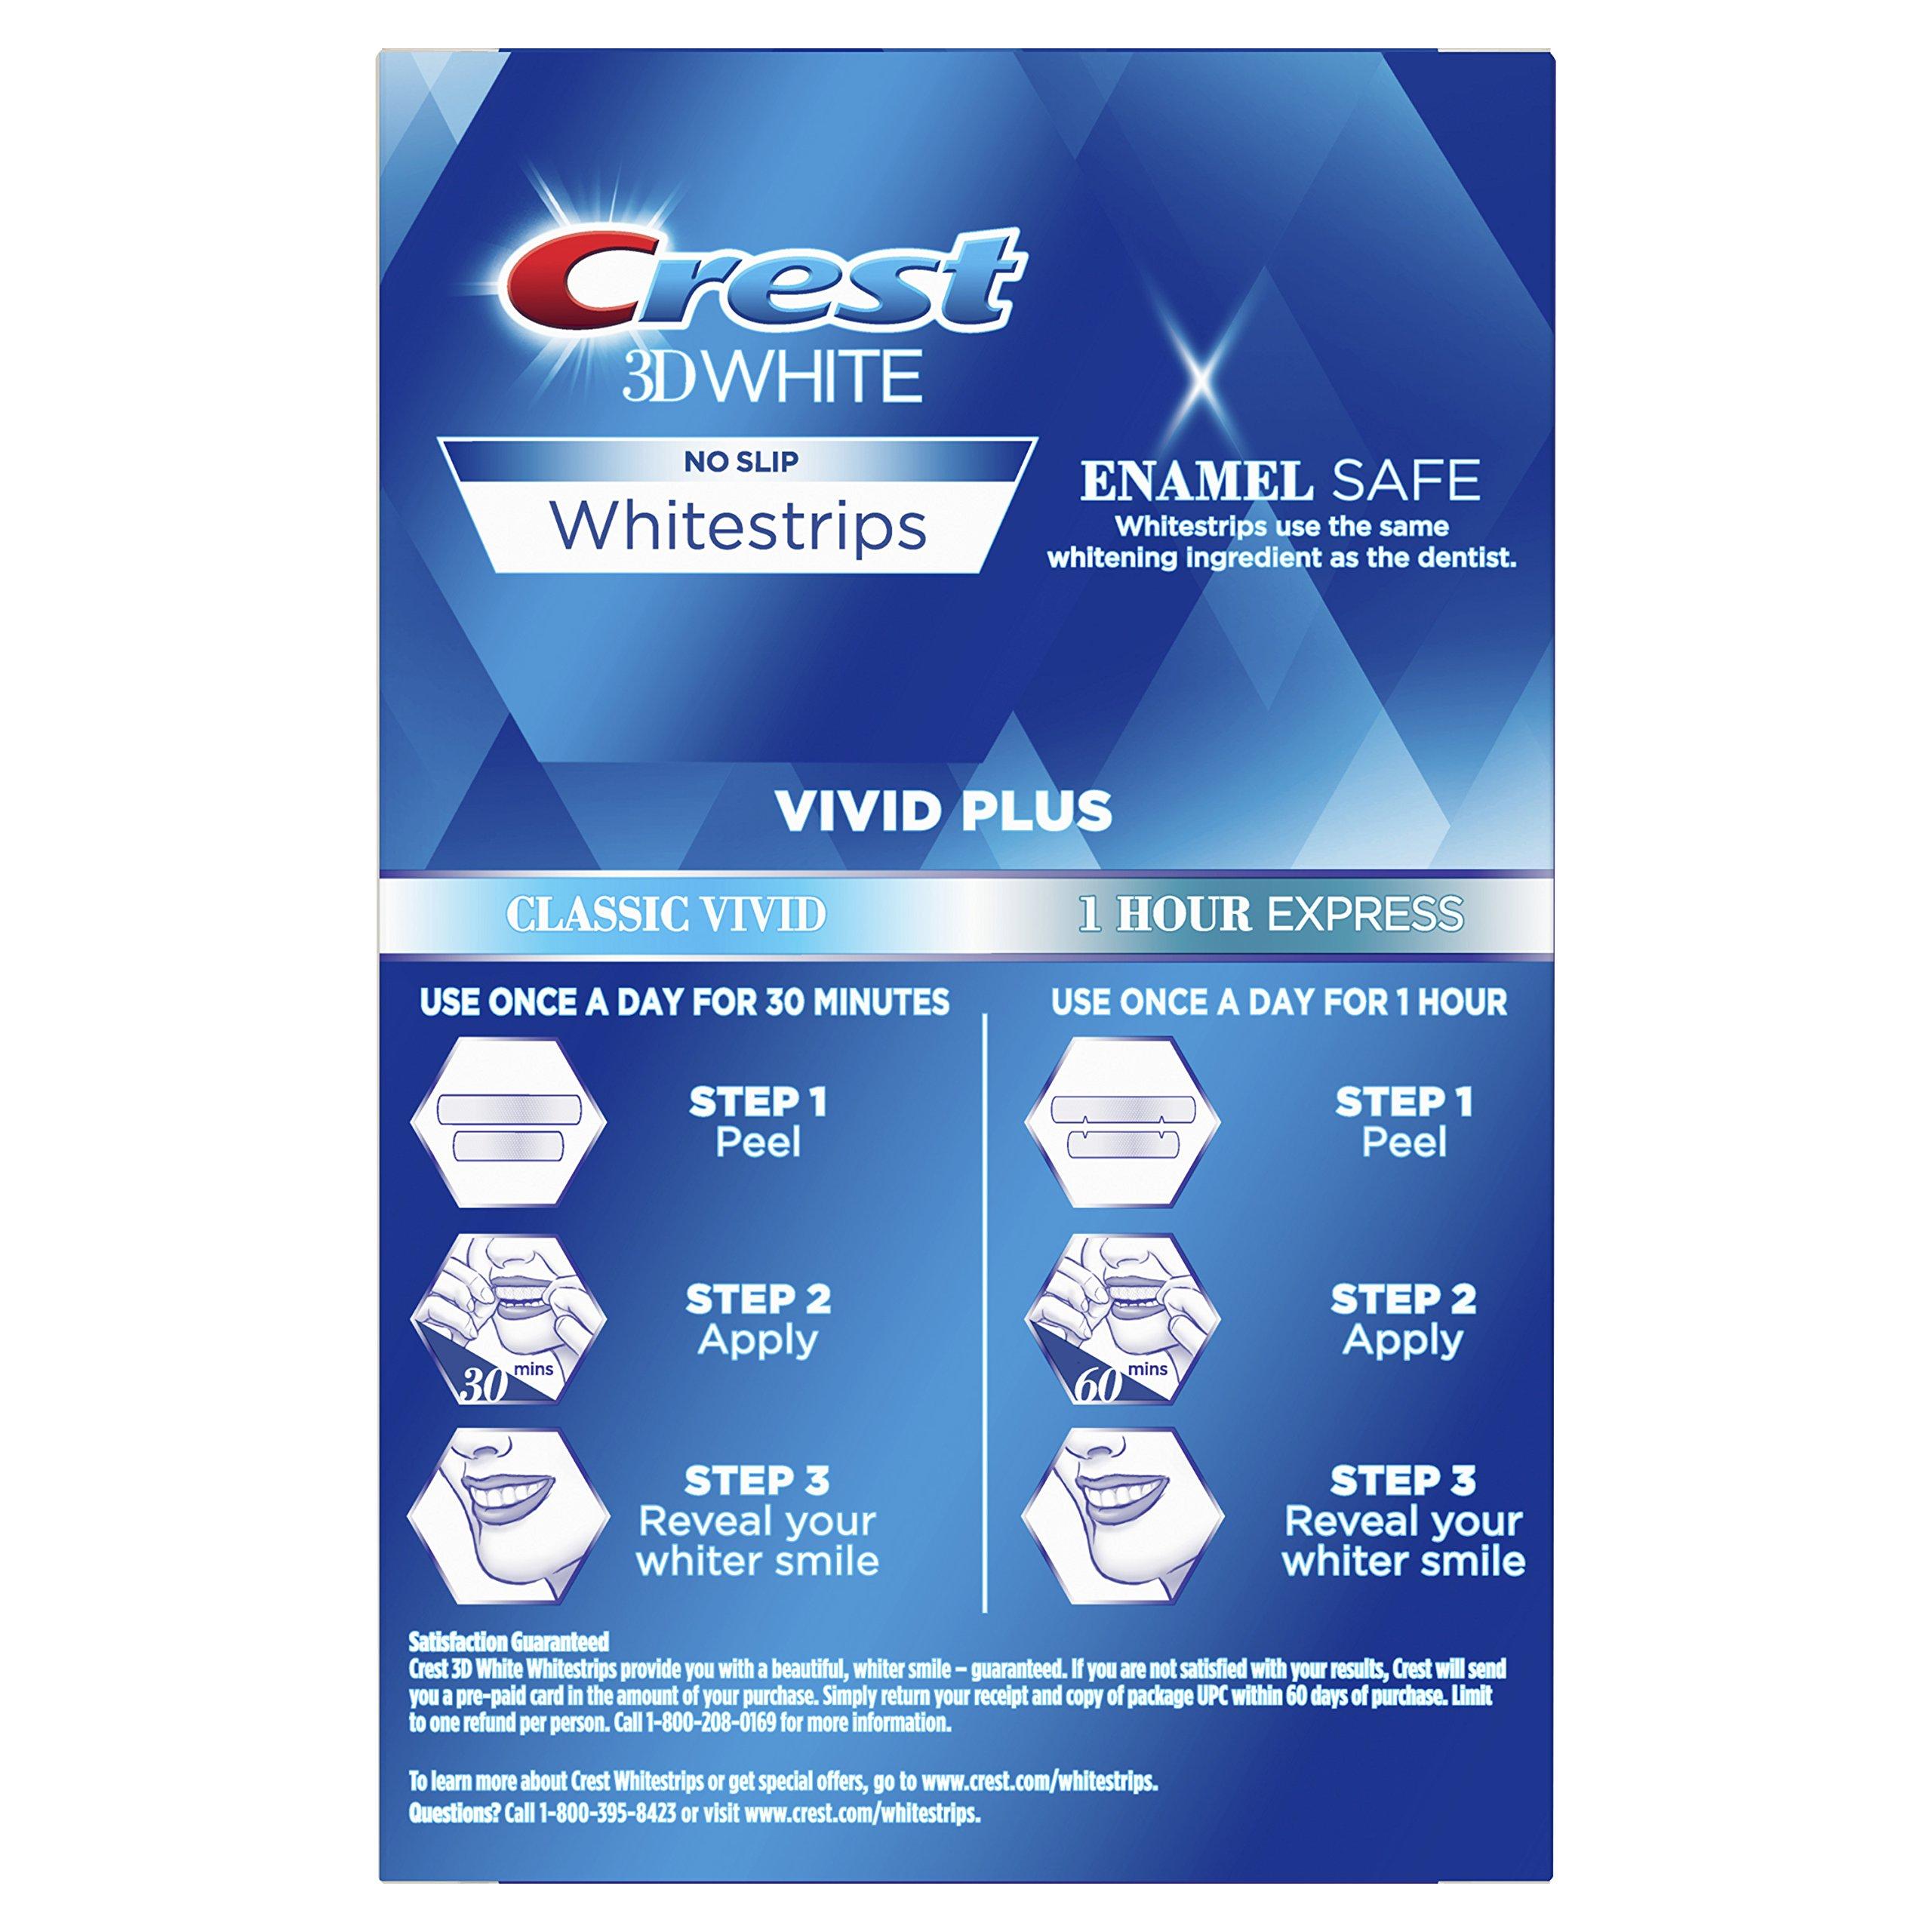 Crest 3D White Whitestrips Vivid Plus 12 Treatments – 10 Treatments Vivid Whitestrips + 2 Treatments 1 Hour Express Dental Teeth Whitening Kit by Crest (Image #2)